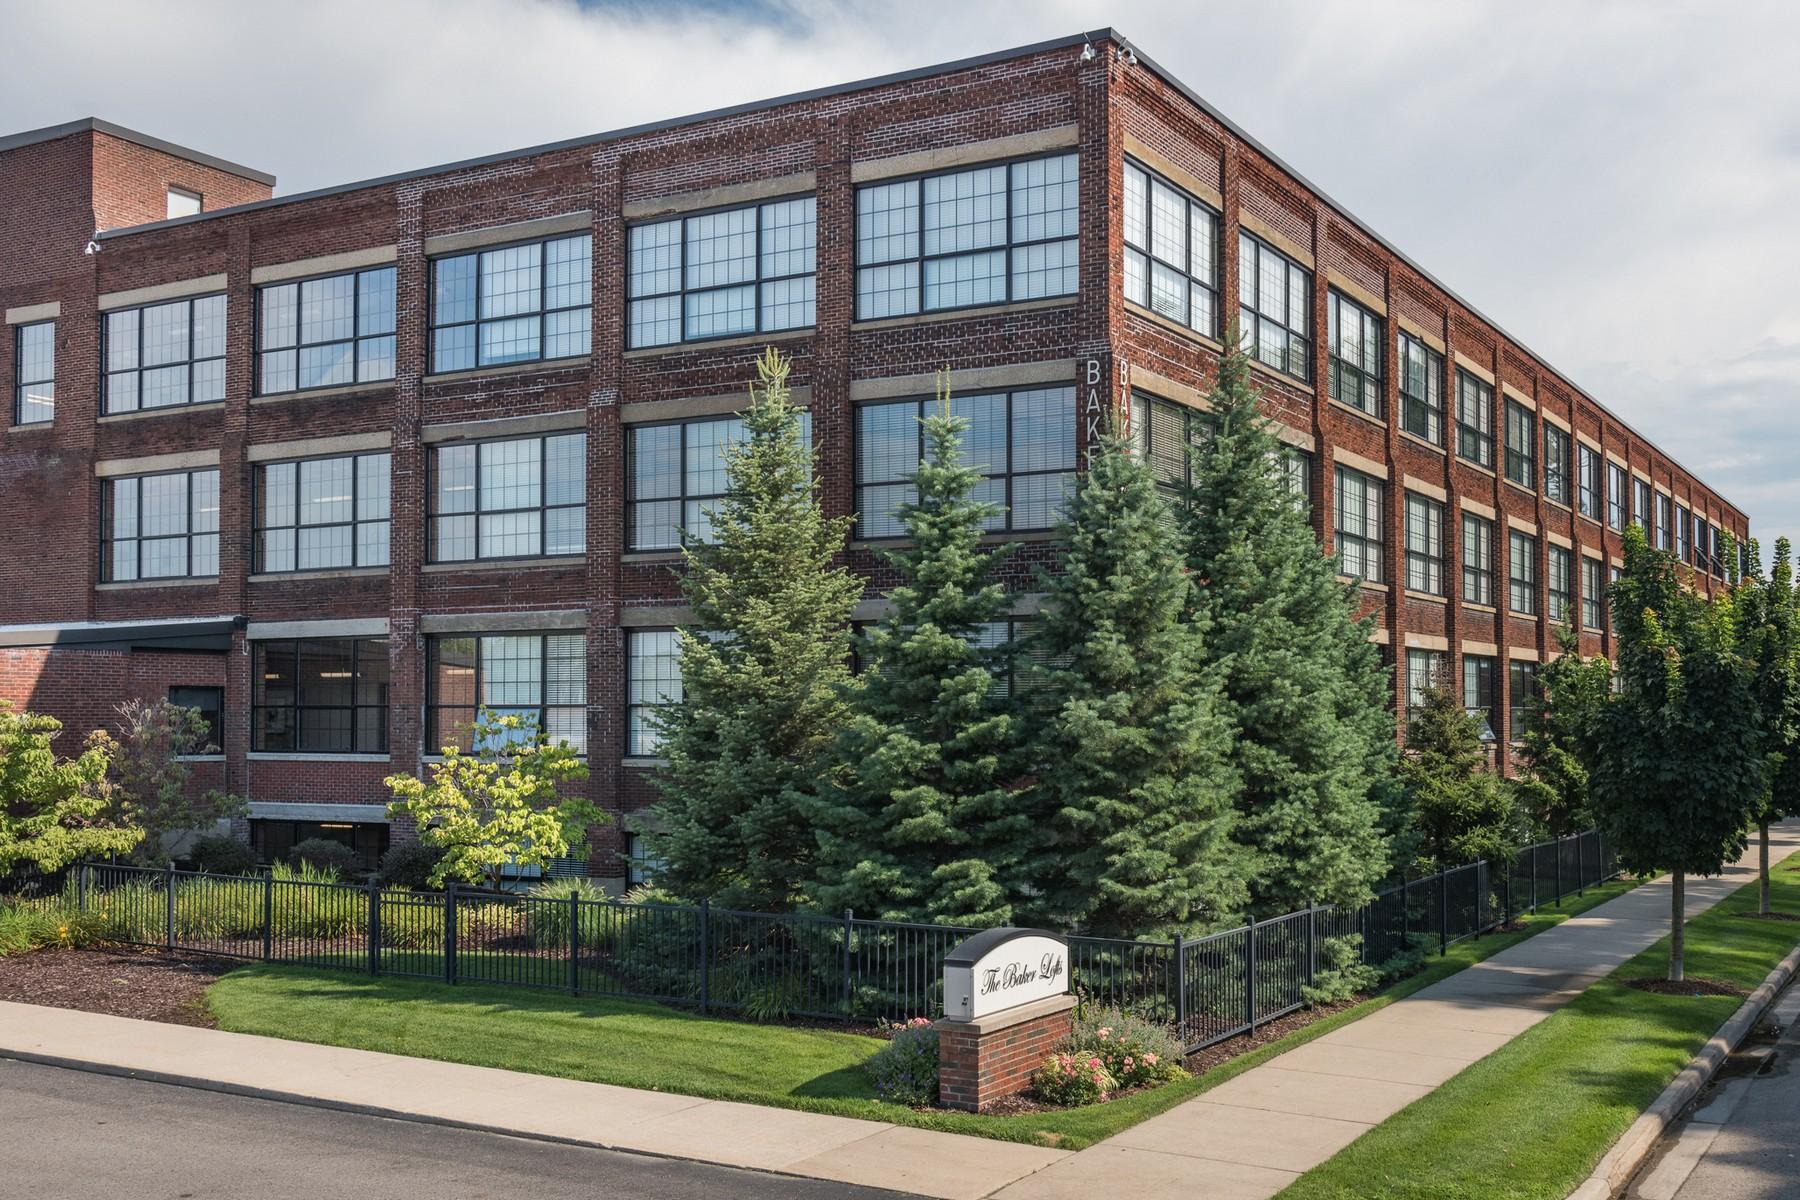 共管式独立产权公寓 为 销售 在 Baker Lofts Condominium 533 Columbia Avenue Unit 307 霍德兰, 密歇根州 49423 美国